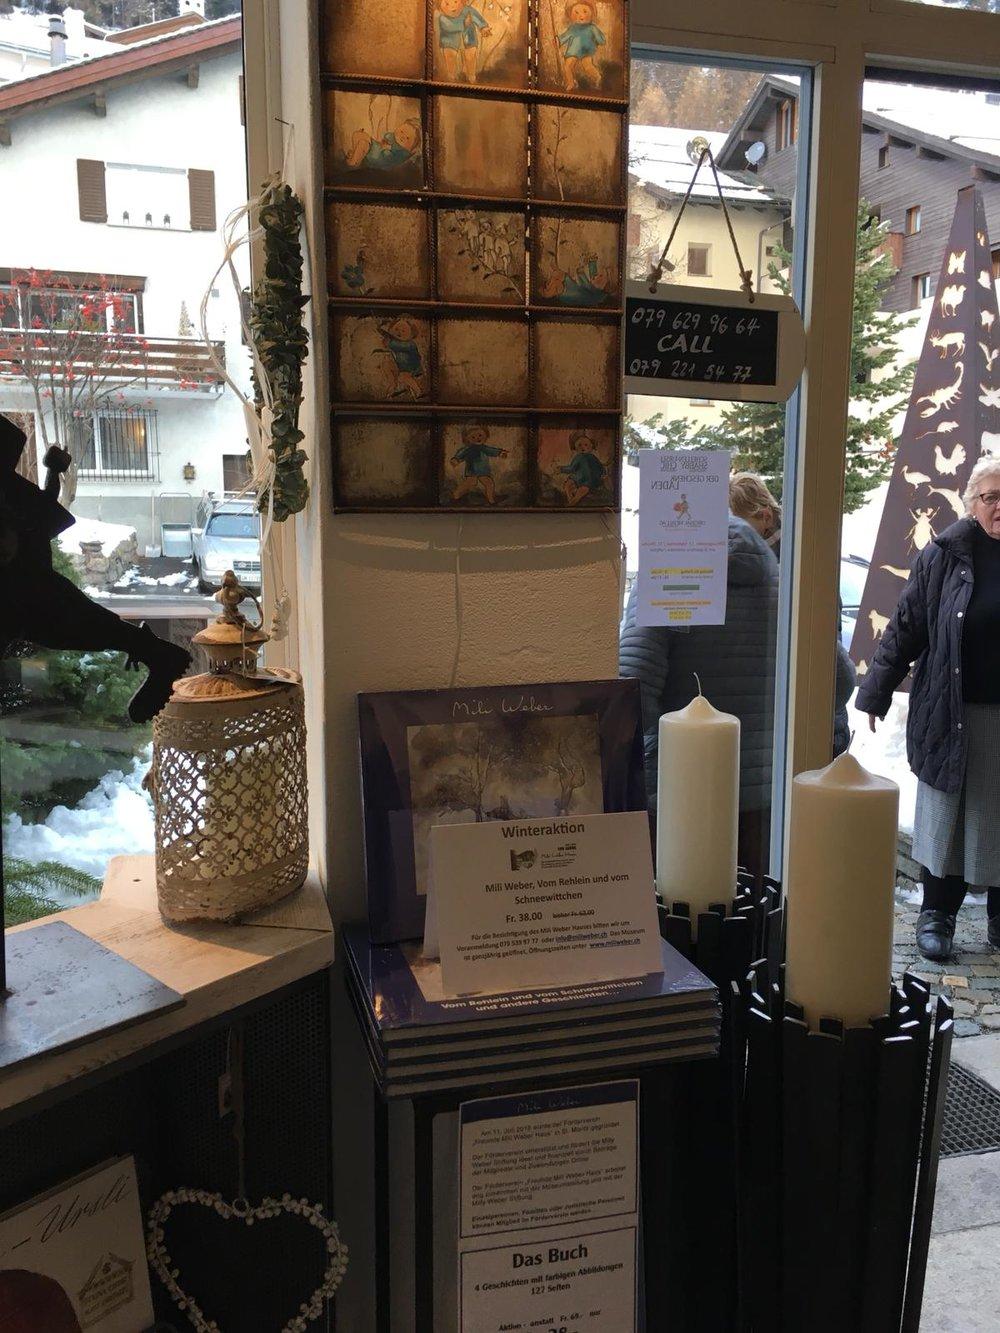 - Am Samstag 24. November 2018 fand im Geschäft Reich-Dekor in Silvaplana eine Ausstellung statt. Für diesen Anlass haben Beatrice und Gregor Reich eine tolle Ausstellungsecke für das Mili Weber Buch gestaltet. Dieses ist in der Winteraktion zu Fr. 38.00 in verschiedenen Geschäften im Oberengadin erhältlich.